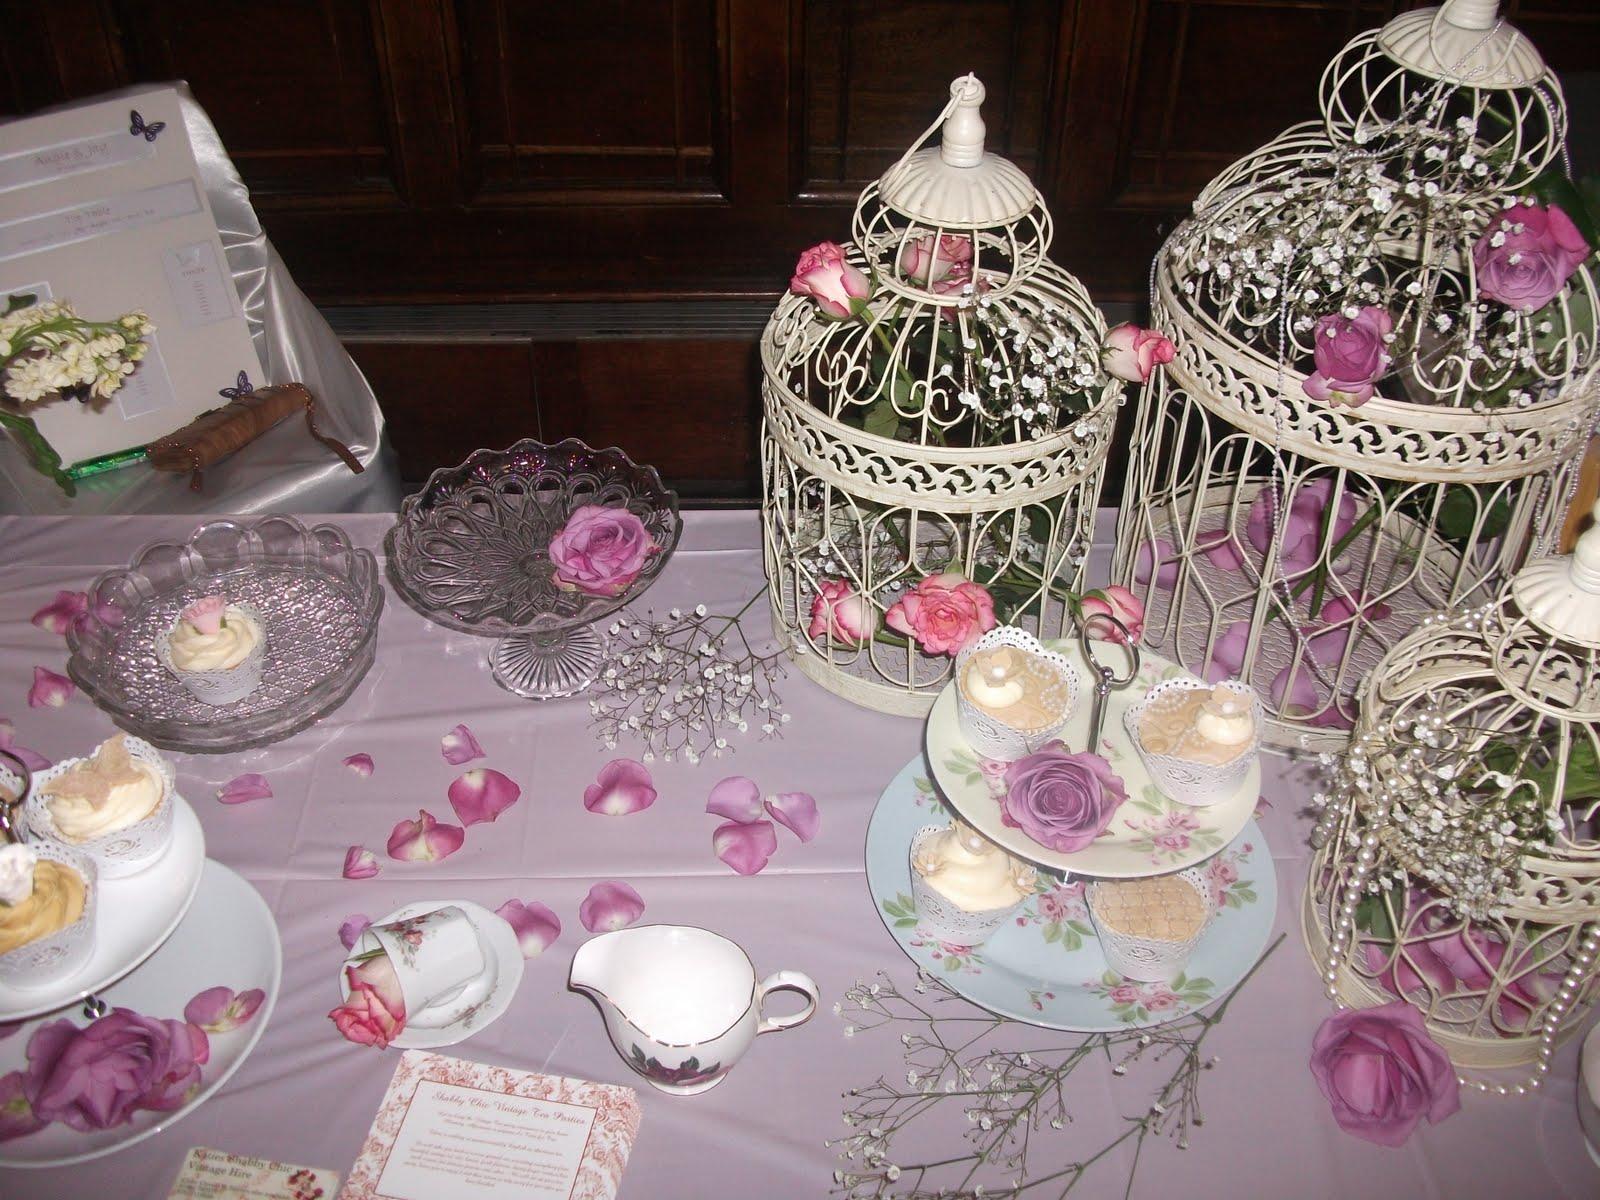 Shabby Chic Party Decorations Instadecor